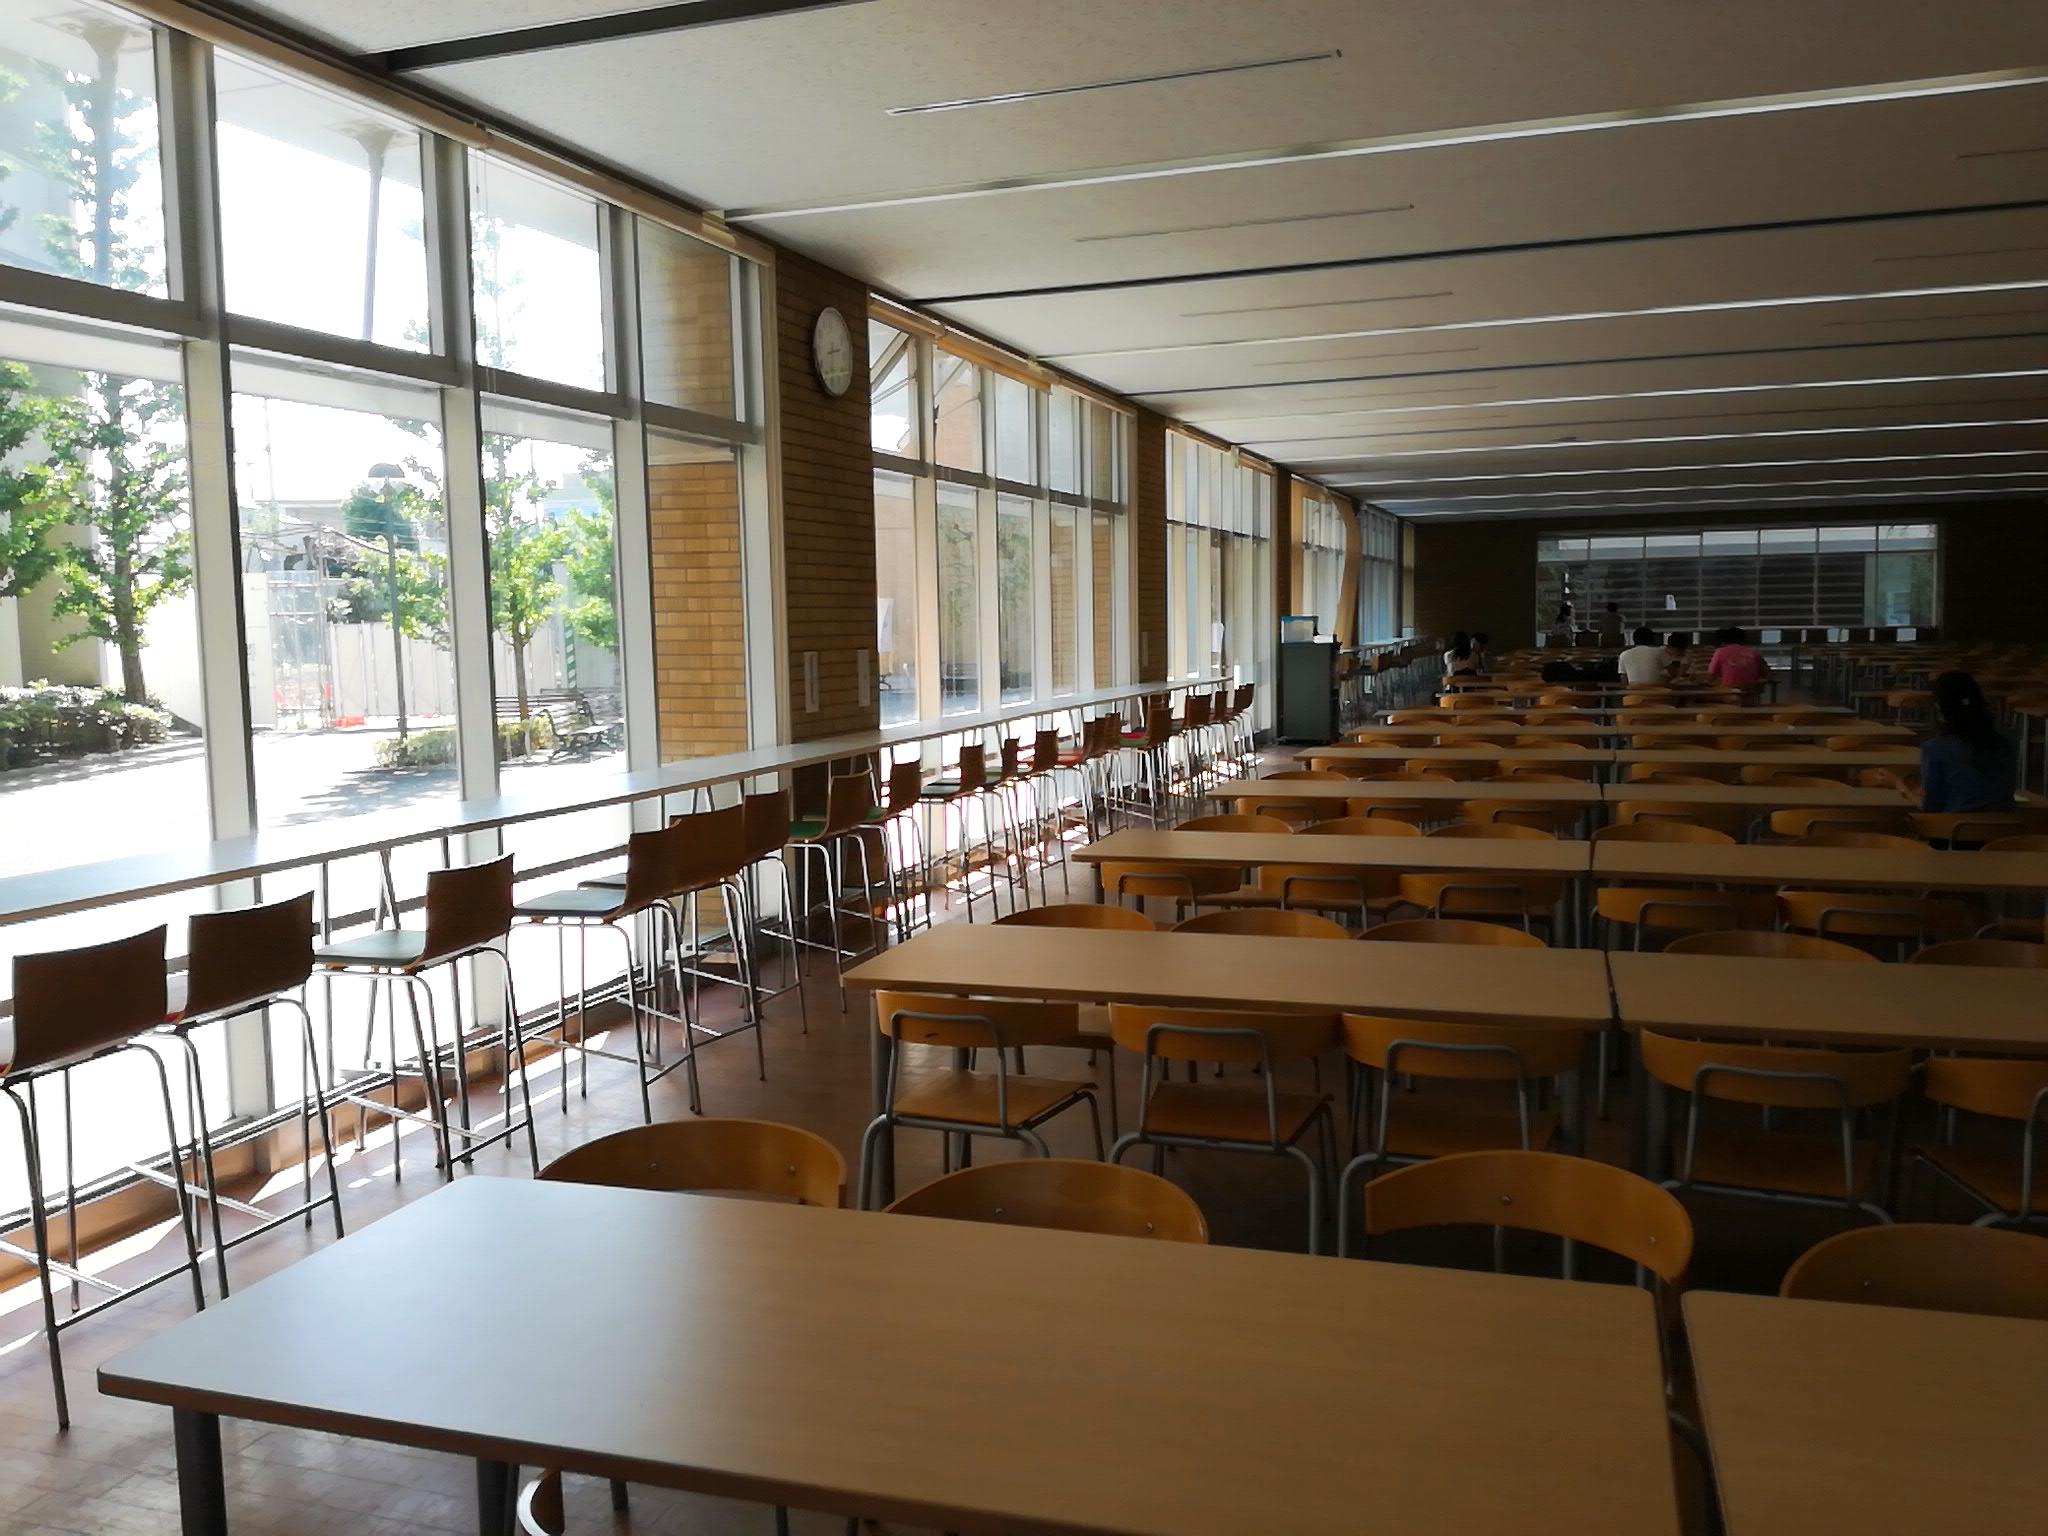 日大文理学部の学食「コスモス」は席数が多い